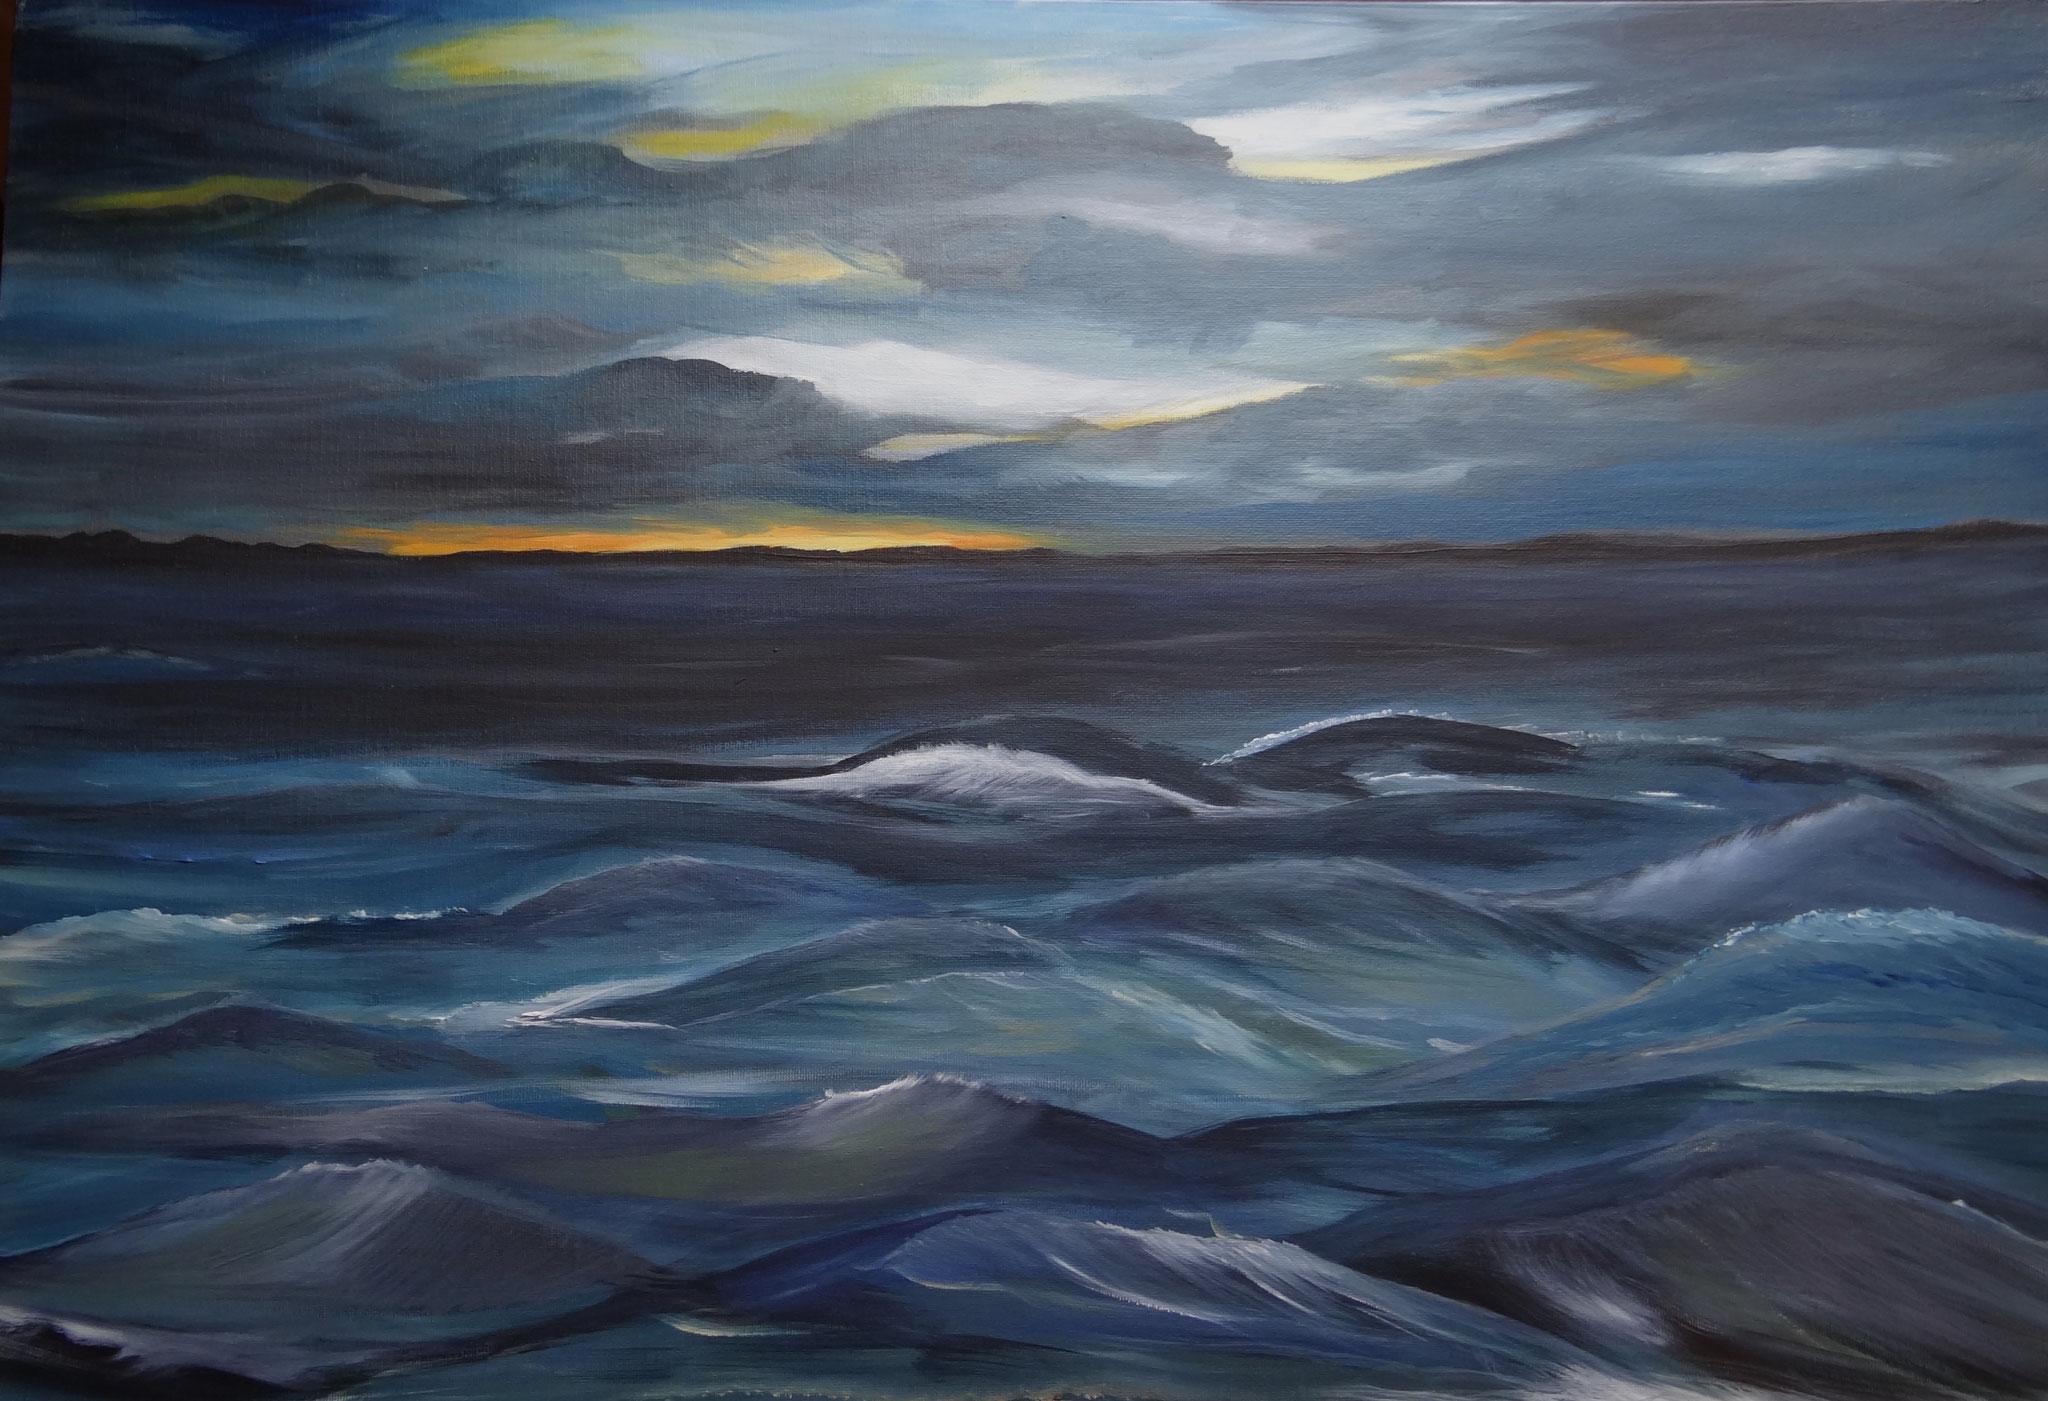 Ostsee 1, 70 x 50 cm, Ölfarben auf Malkarton, signiert und datiert 2014